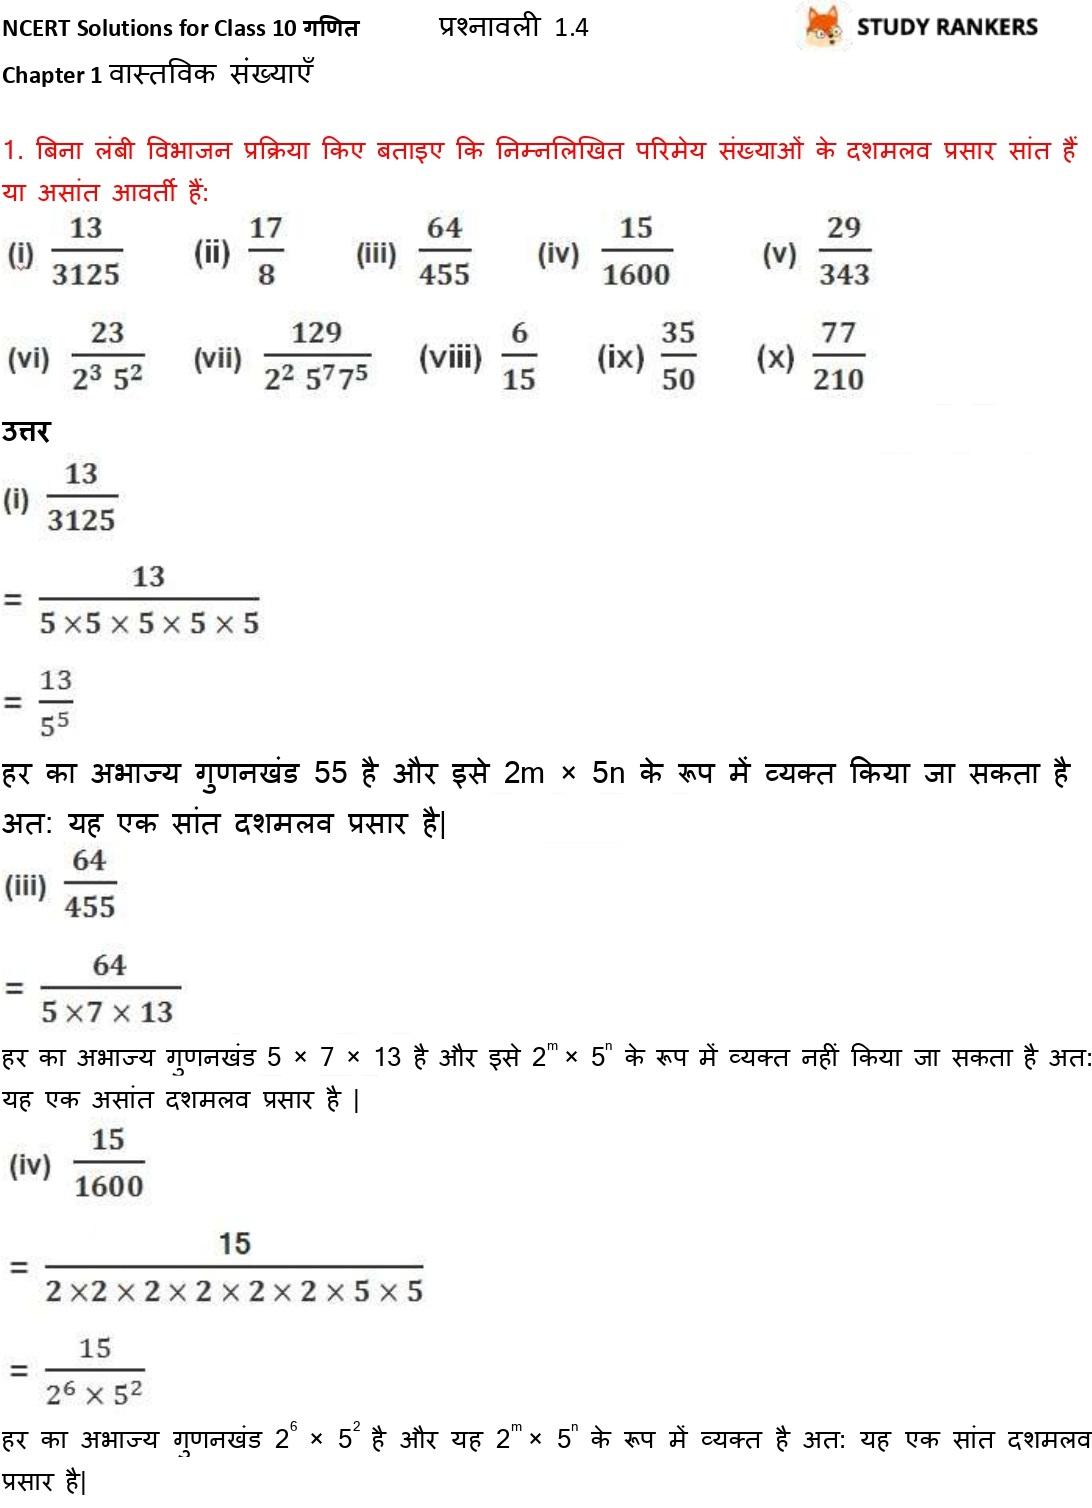 NCERT Solutions for Class 10 Maths Chapter 1 वास्तविक संख्याएँ प्रश्नावली 1.4 Part 1